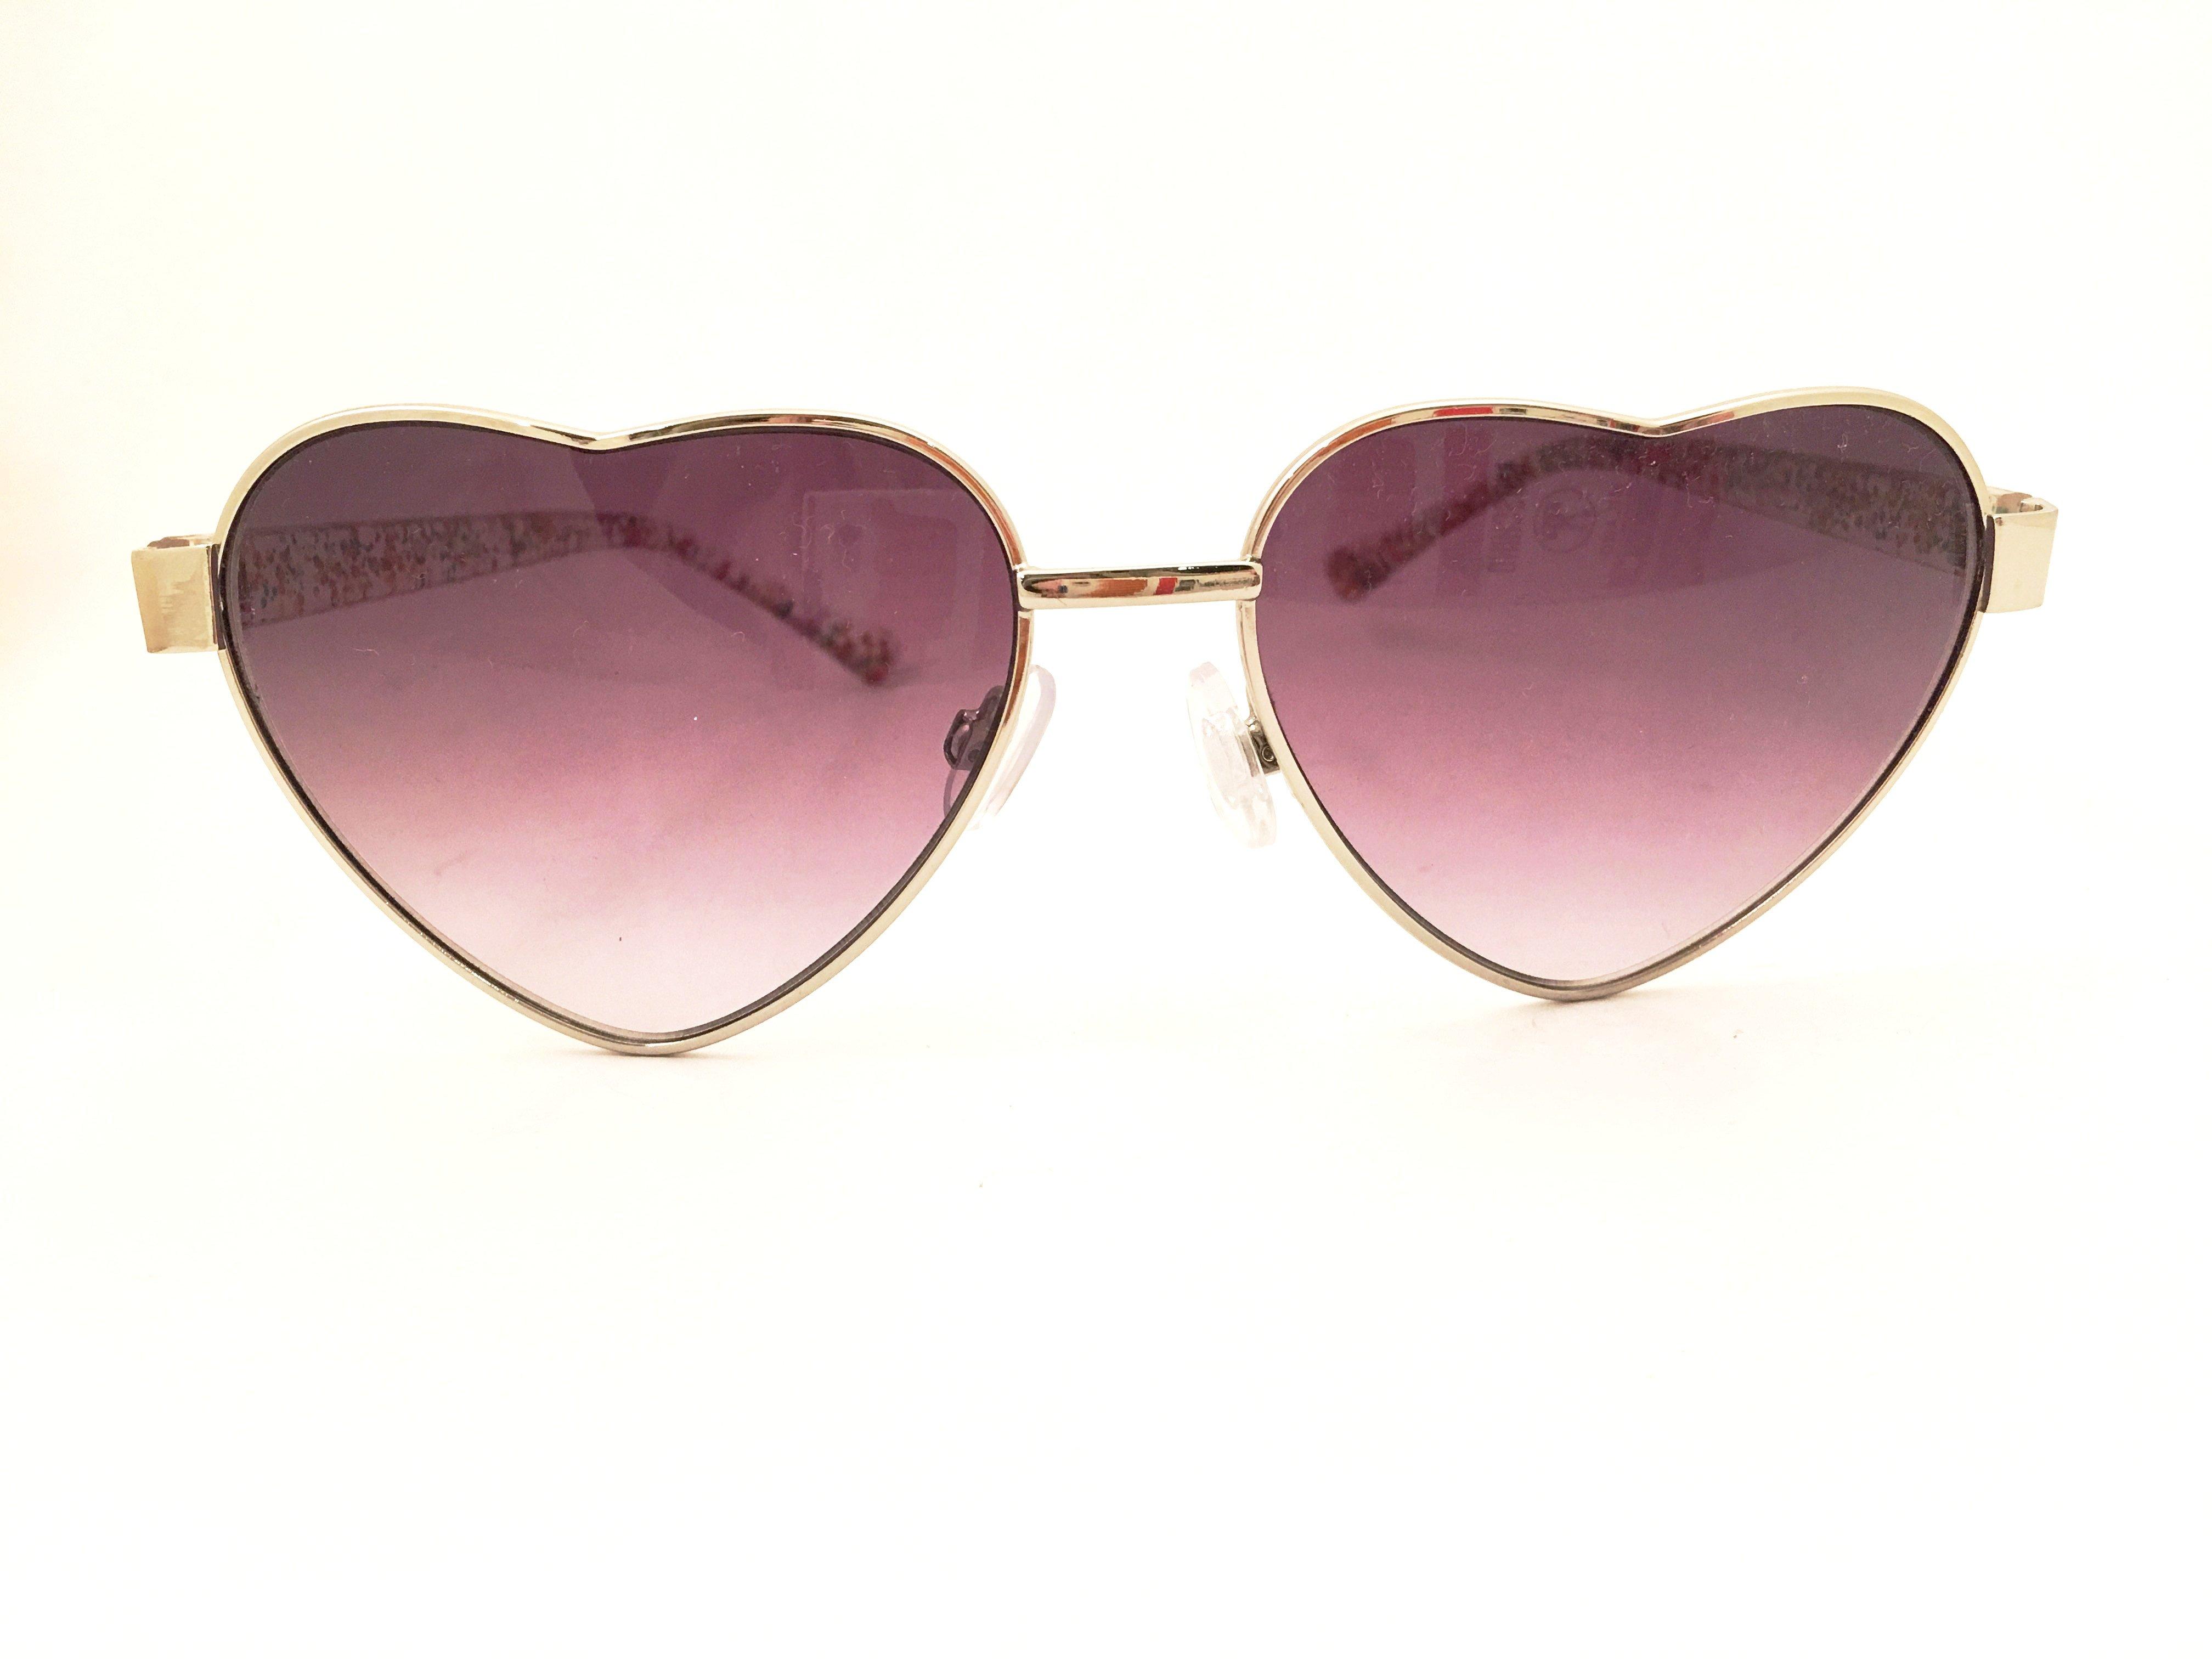 88db592583 Heart Lenses Sunglasses Confetti Lucite Frame Trend Eyewear on Storenvy